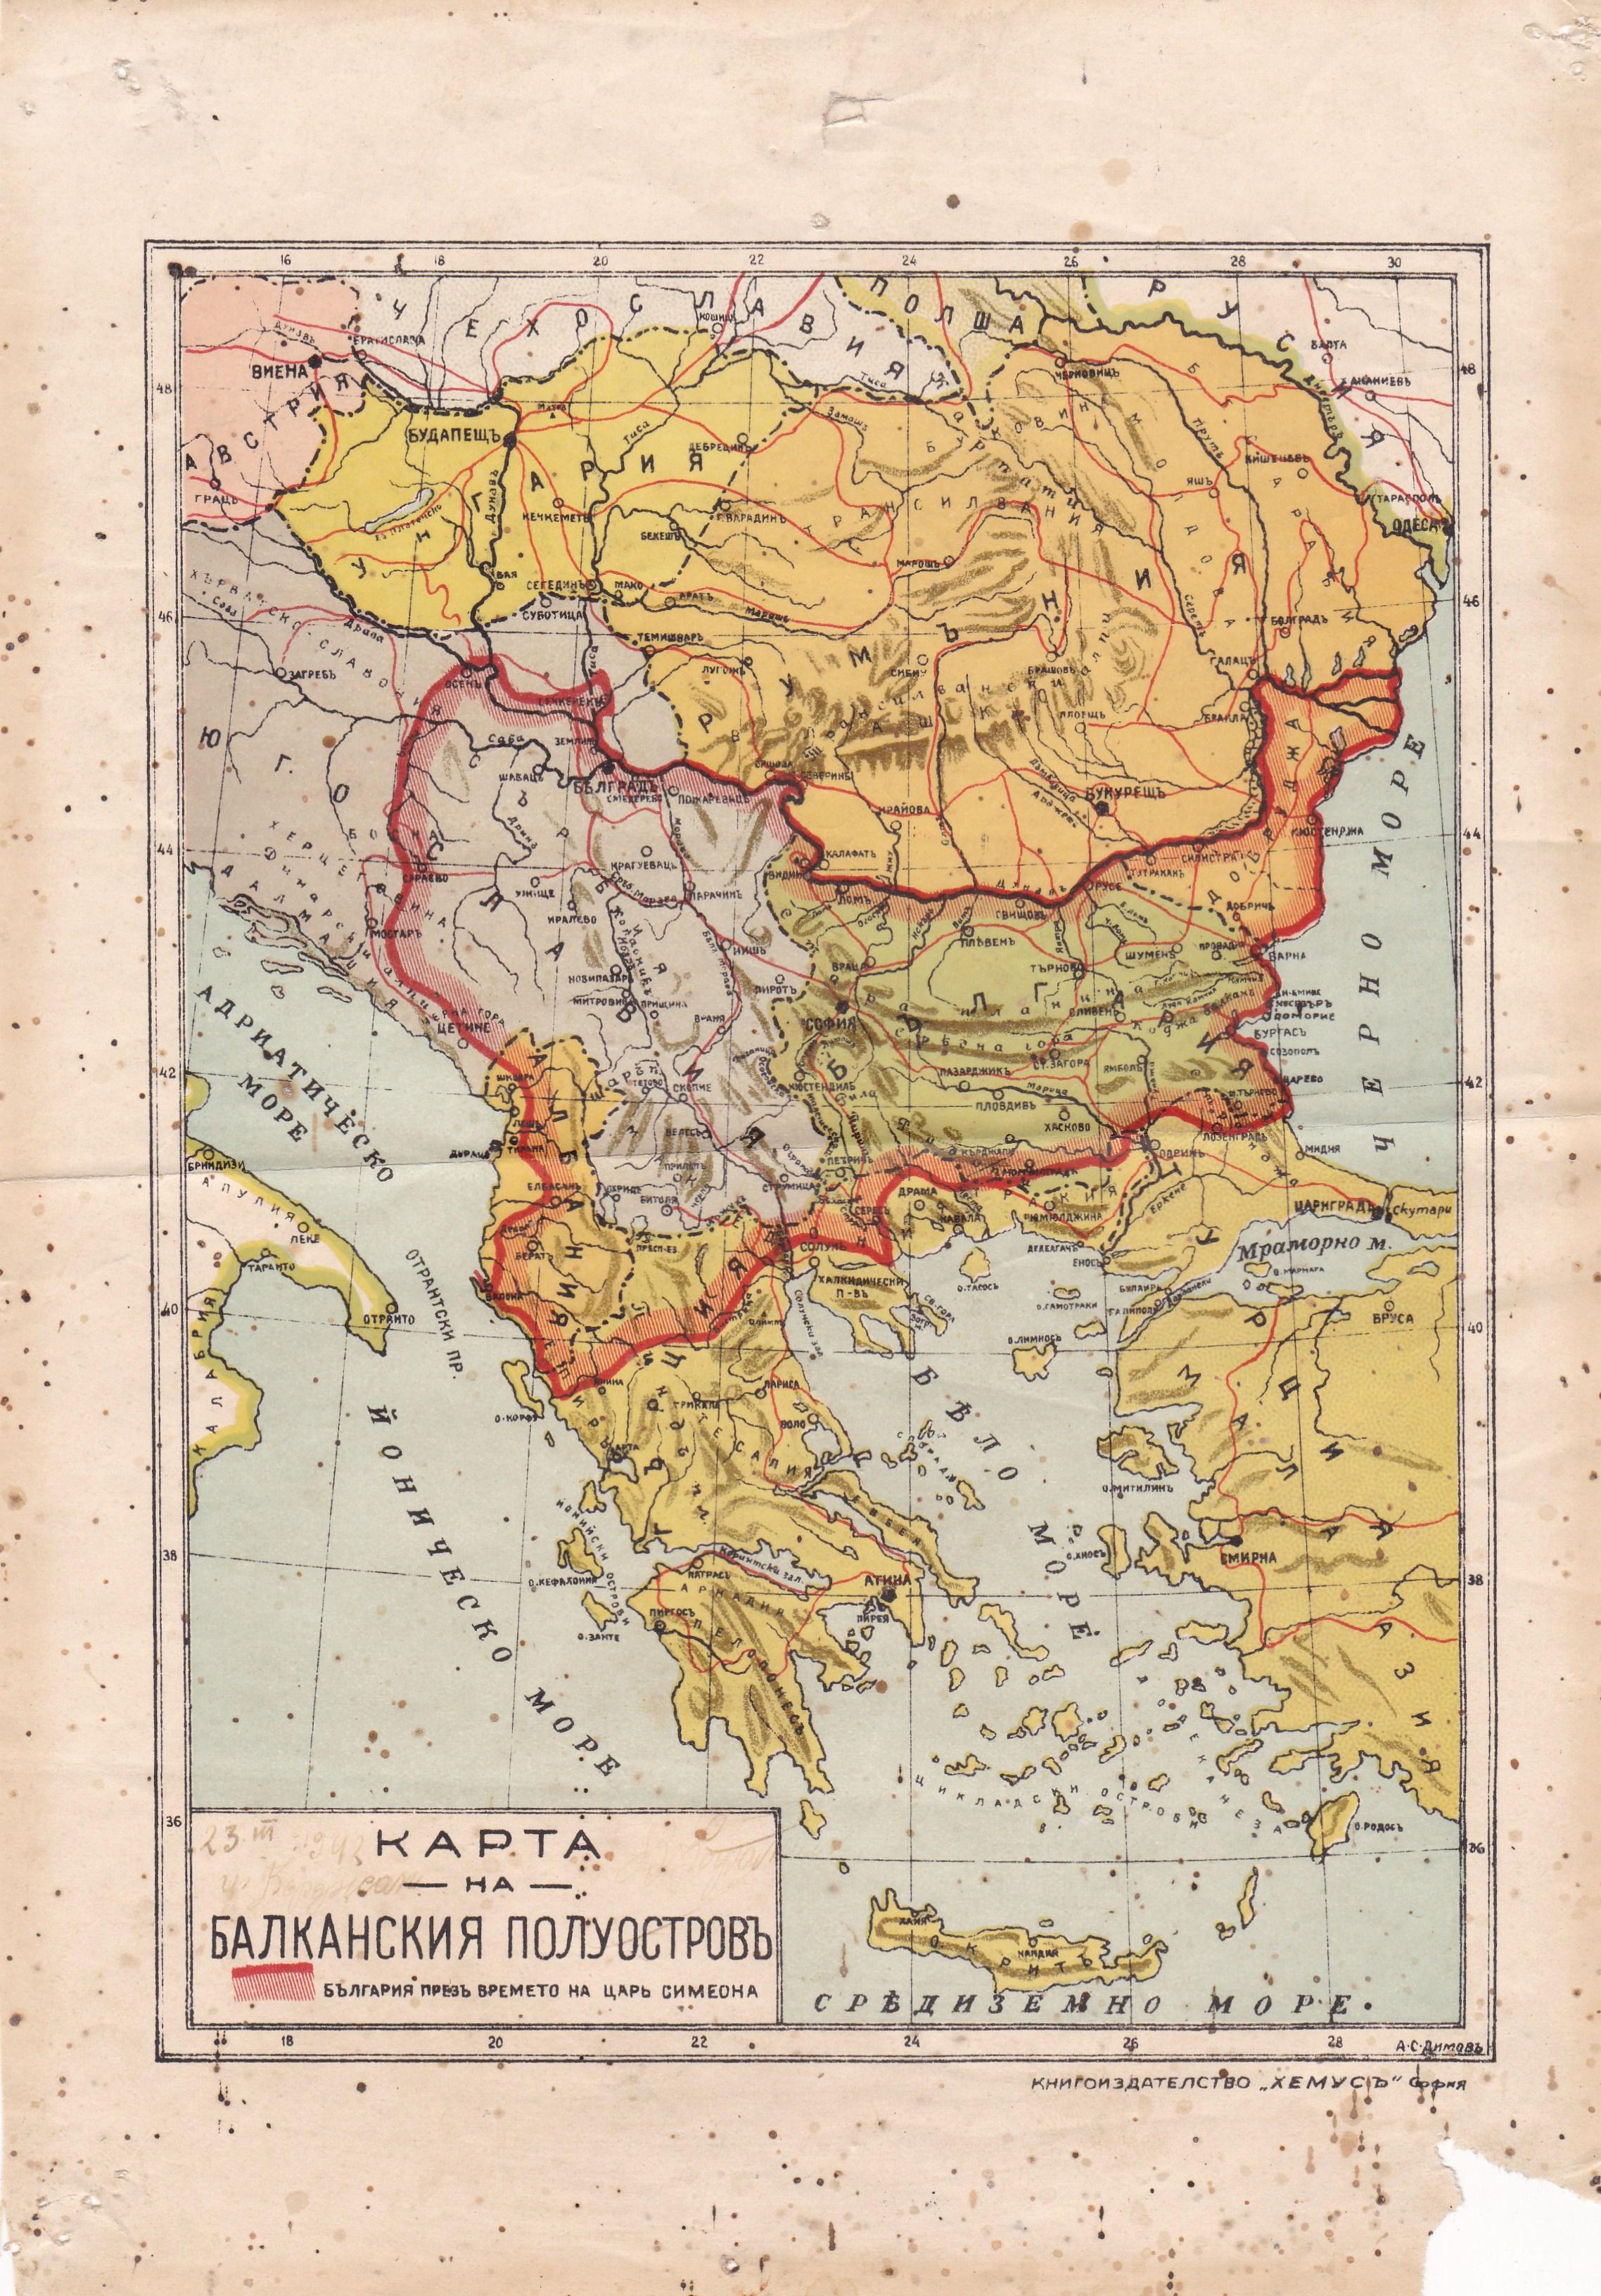 Karta Na Balkanskiya Poluostrov Blgariya Prez Vremeto Na Car